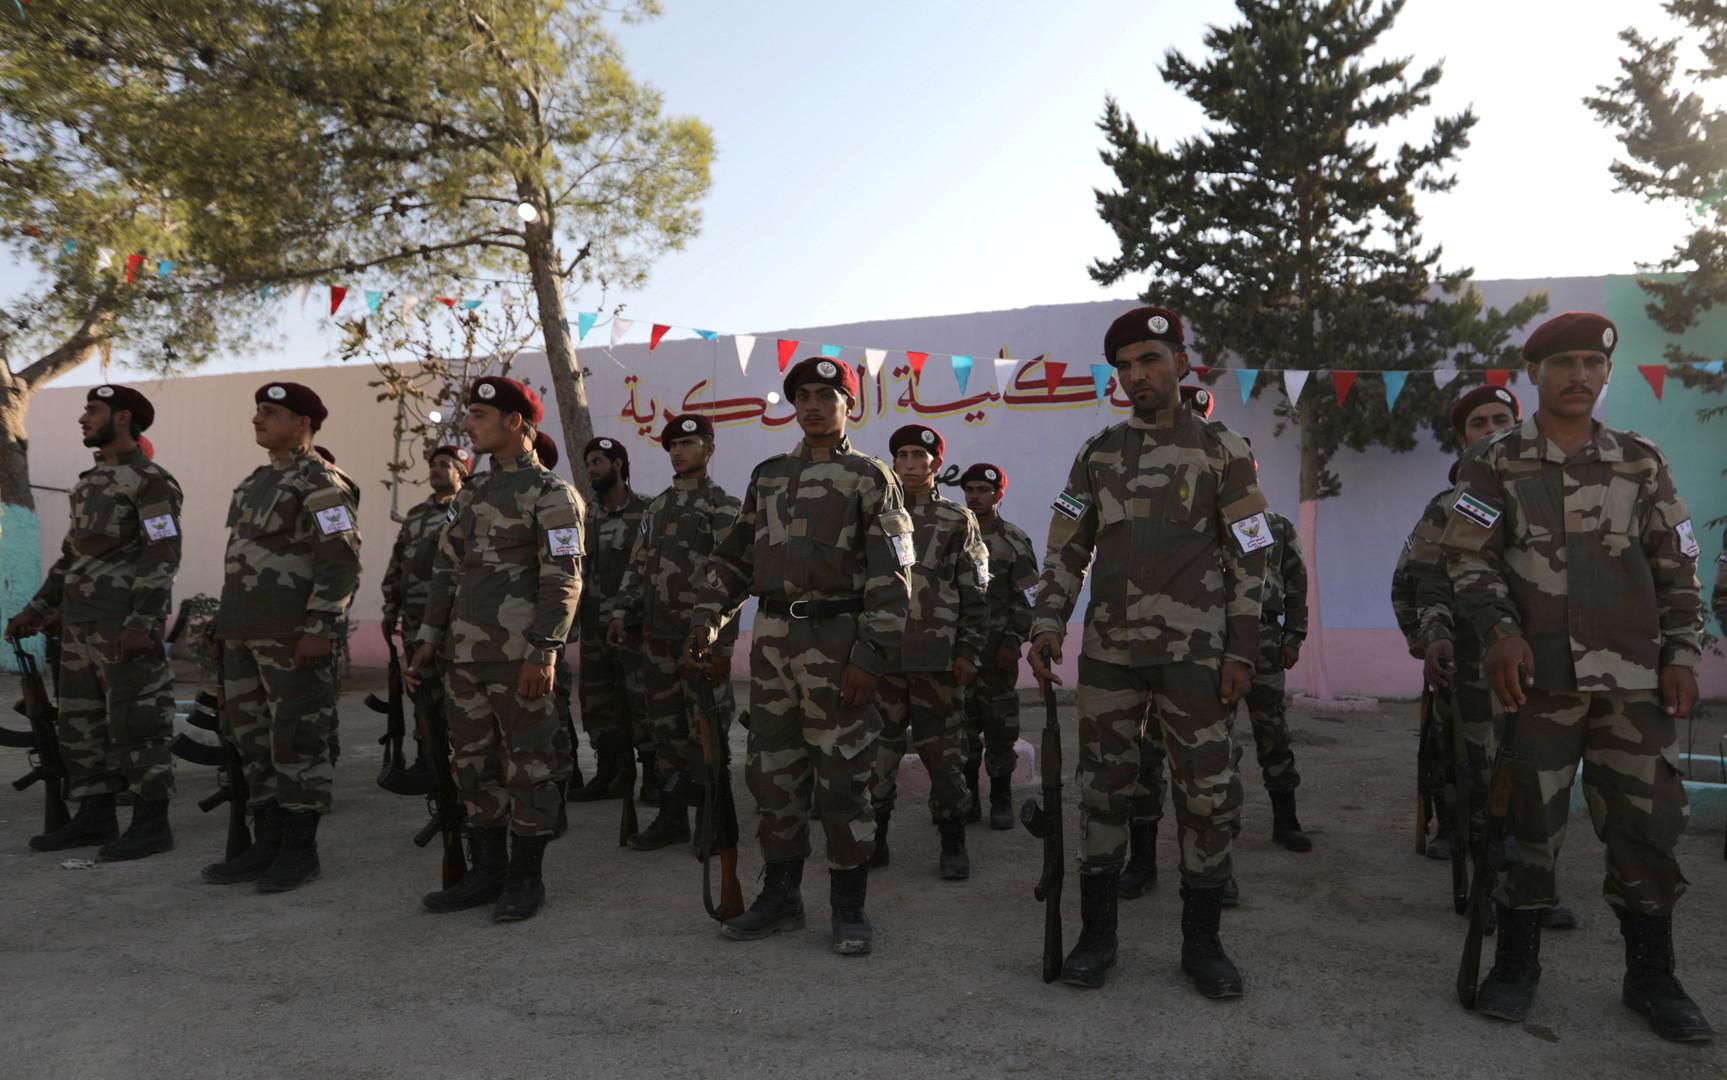 تركيا توعز لعشرات آلاف المسلحين السوريين بالاستنفار والانتقال إلى إدلب